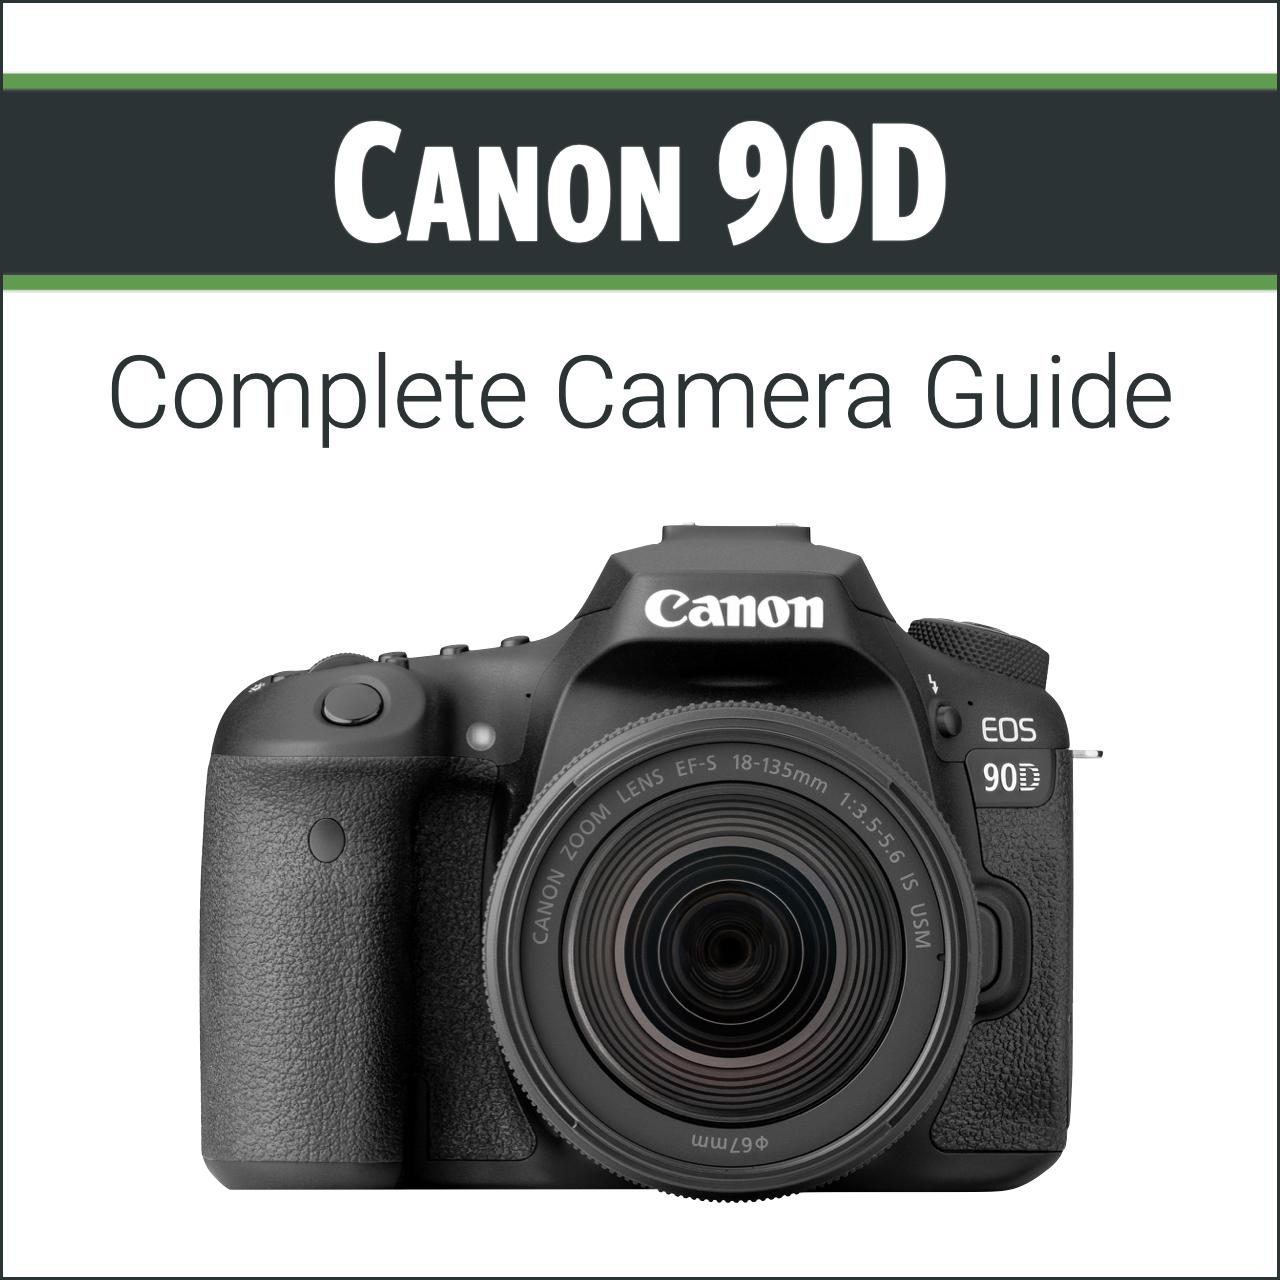 Canon 90D: Complete Camera Guide